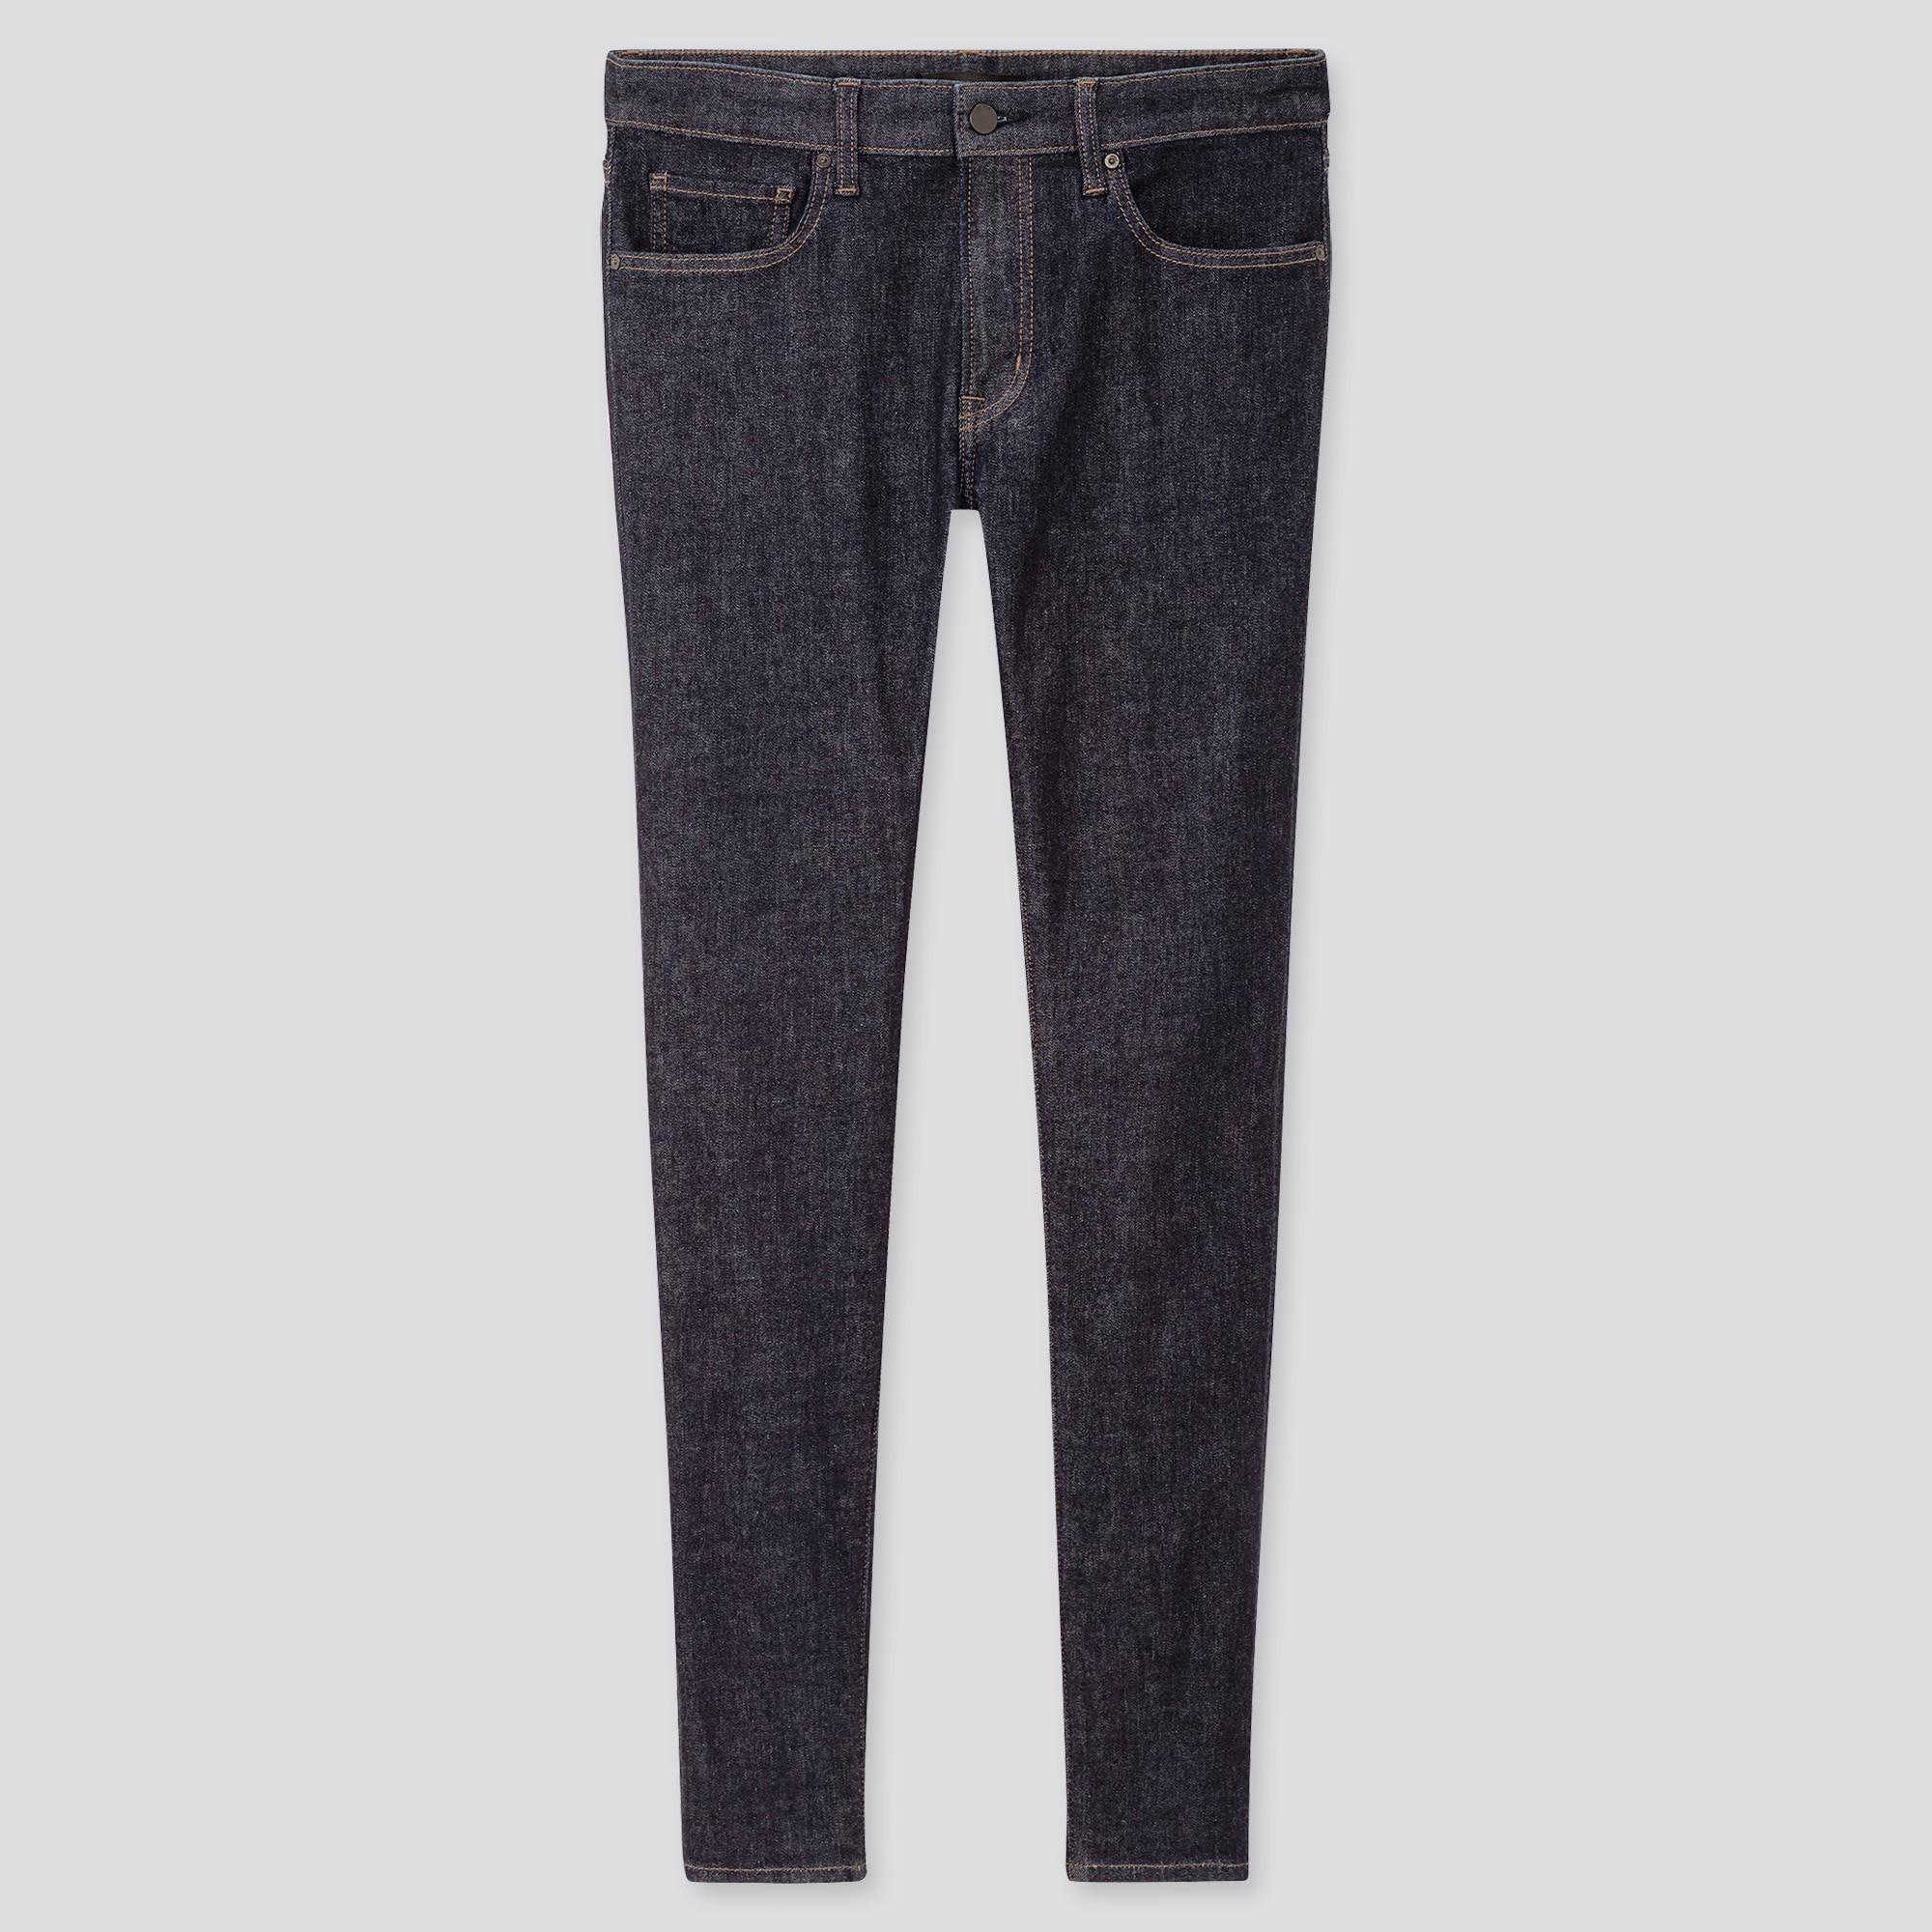 Men Ultra Stretch Skinny Fit Jeans (L34)